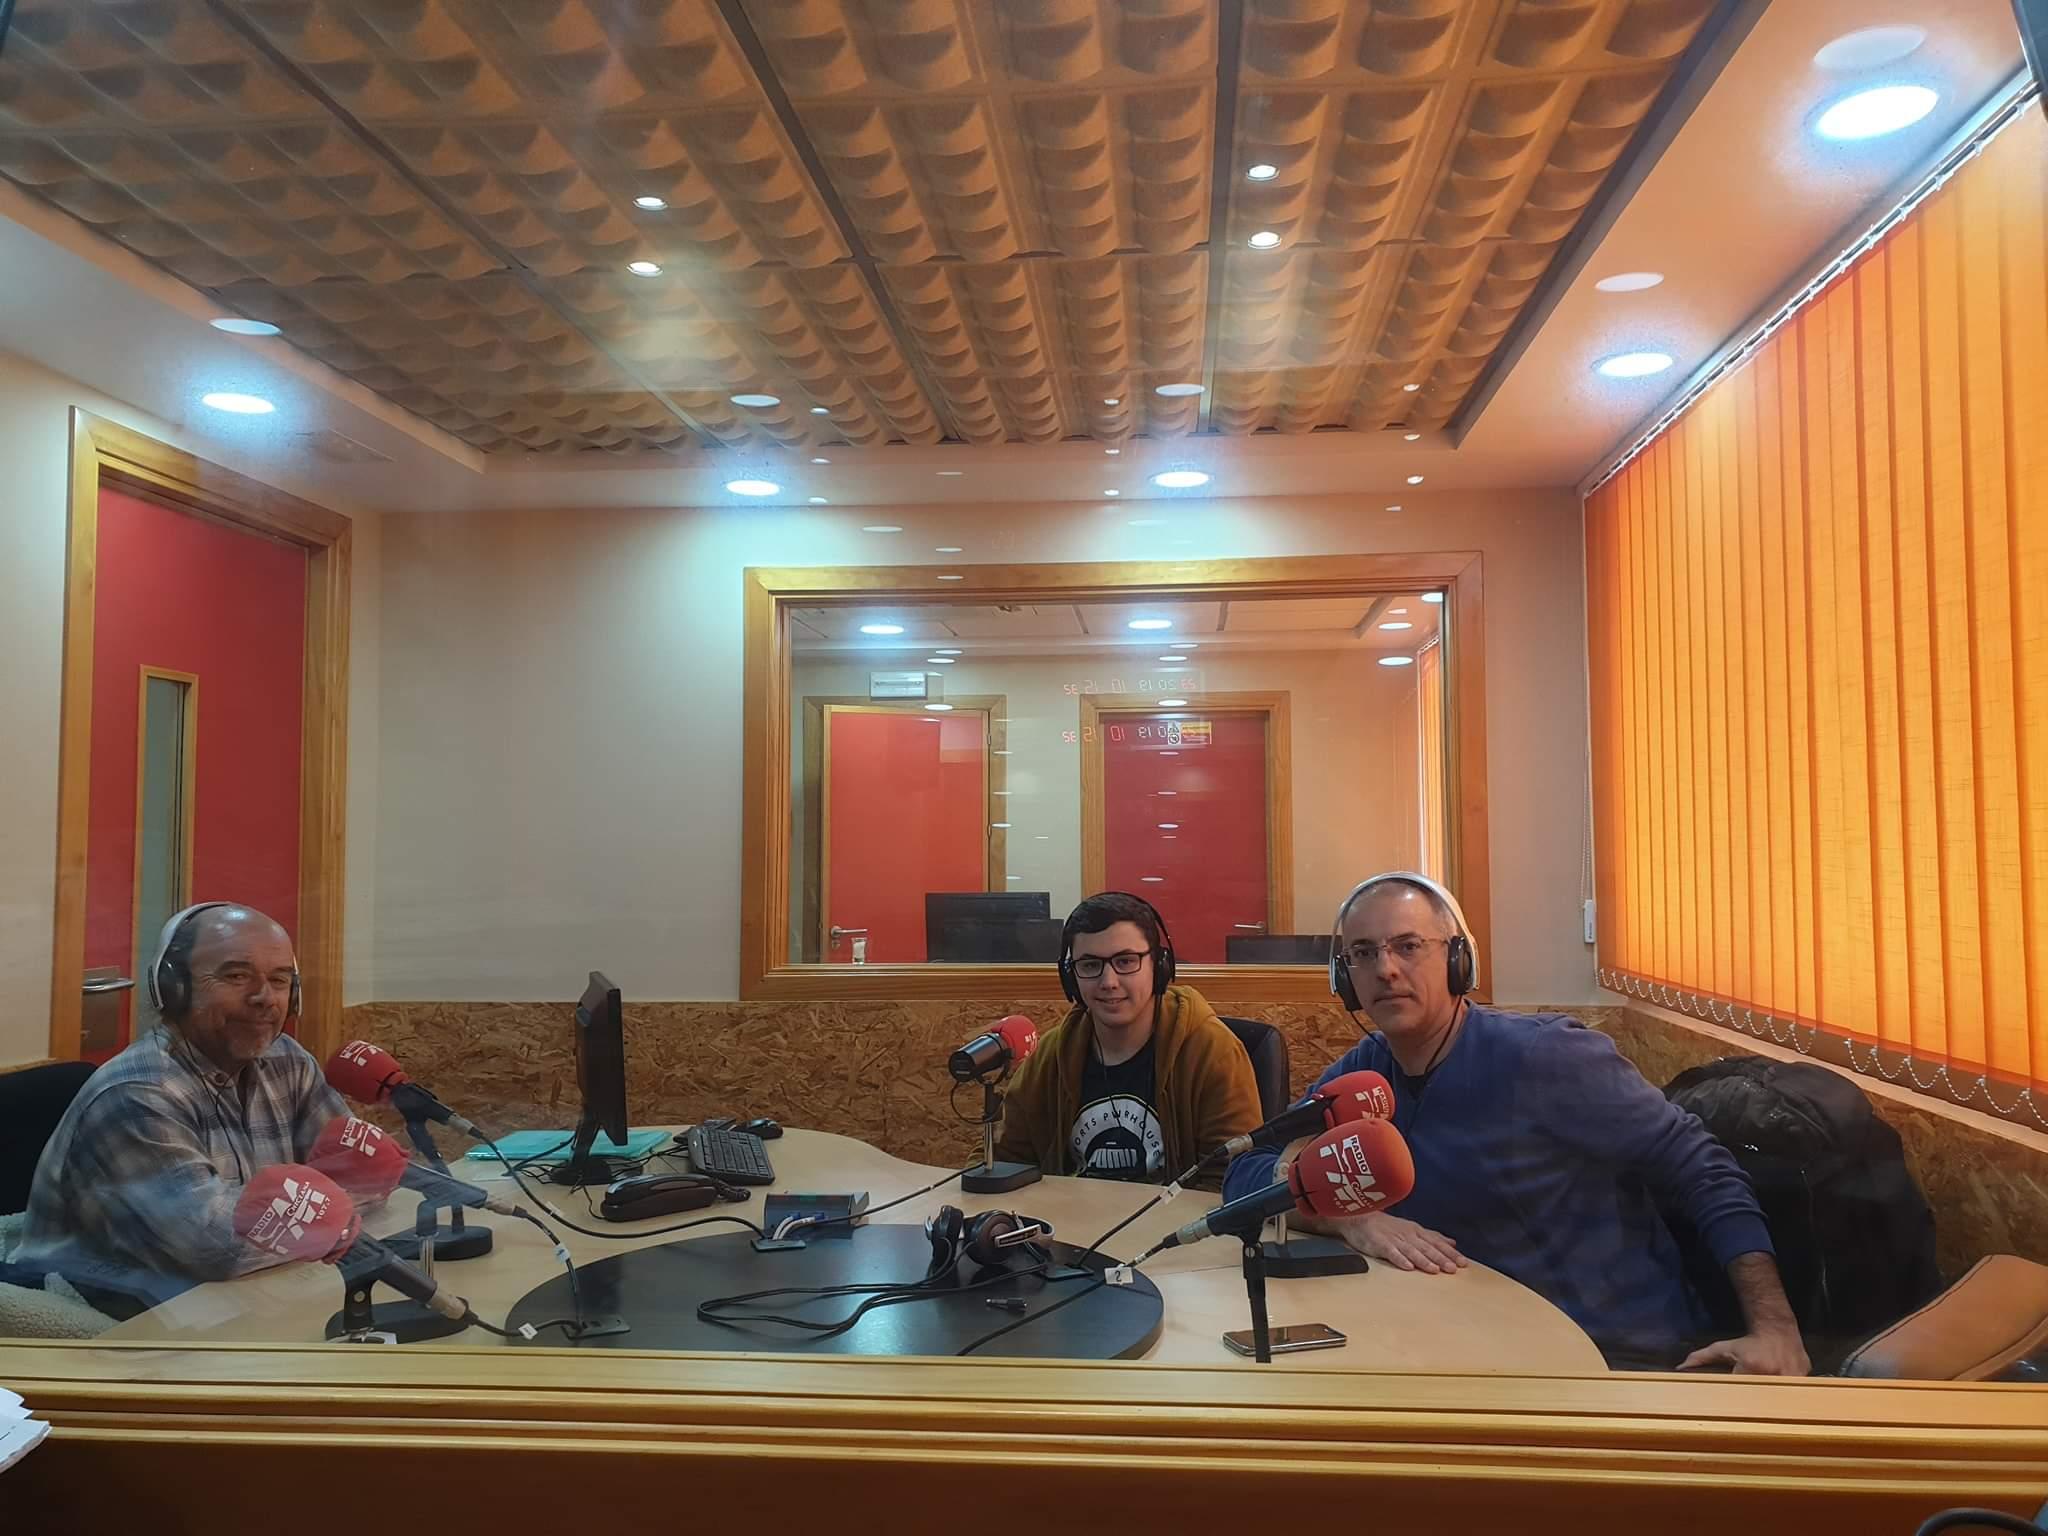 Imagen de la noticia: Entrevista a Fernando Carreño en la radio.